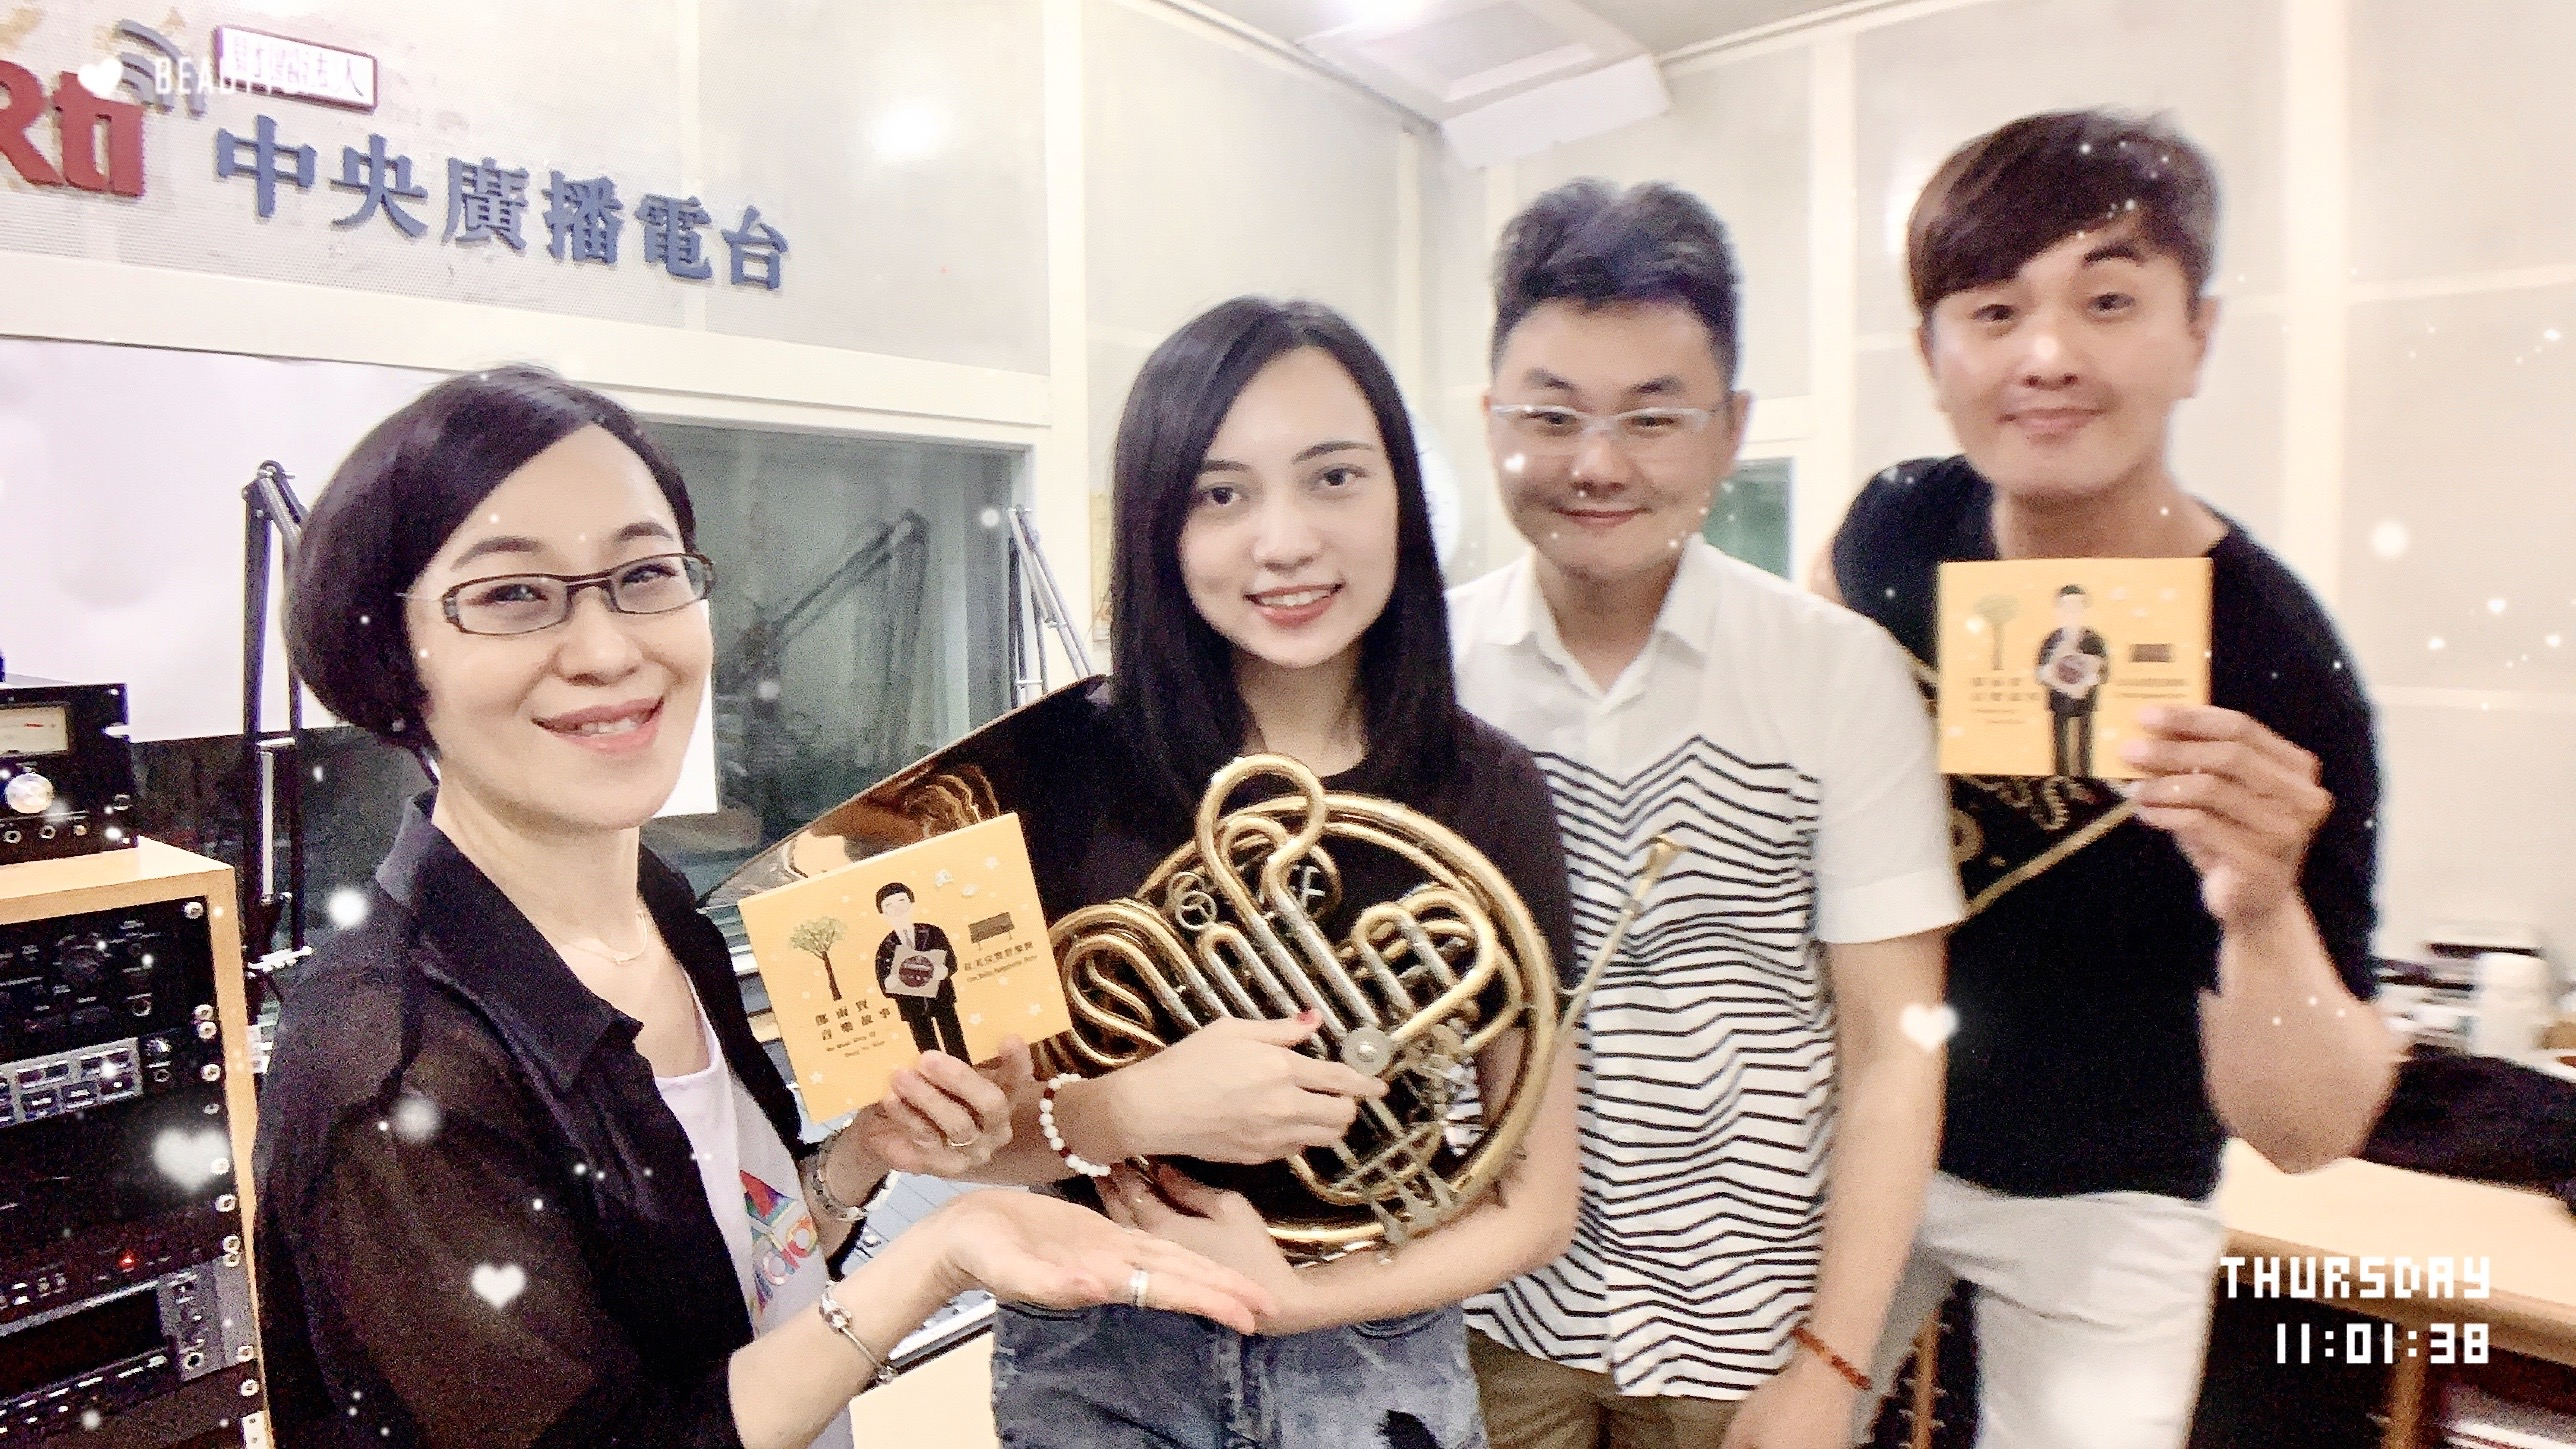 狂美管樂 - 一場充滿魅力的音樂邂逅